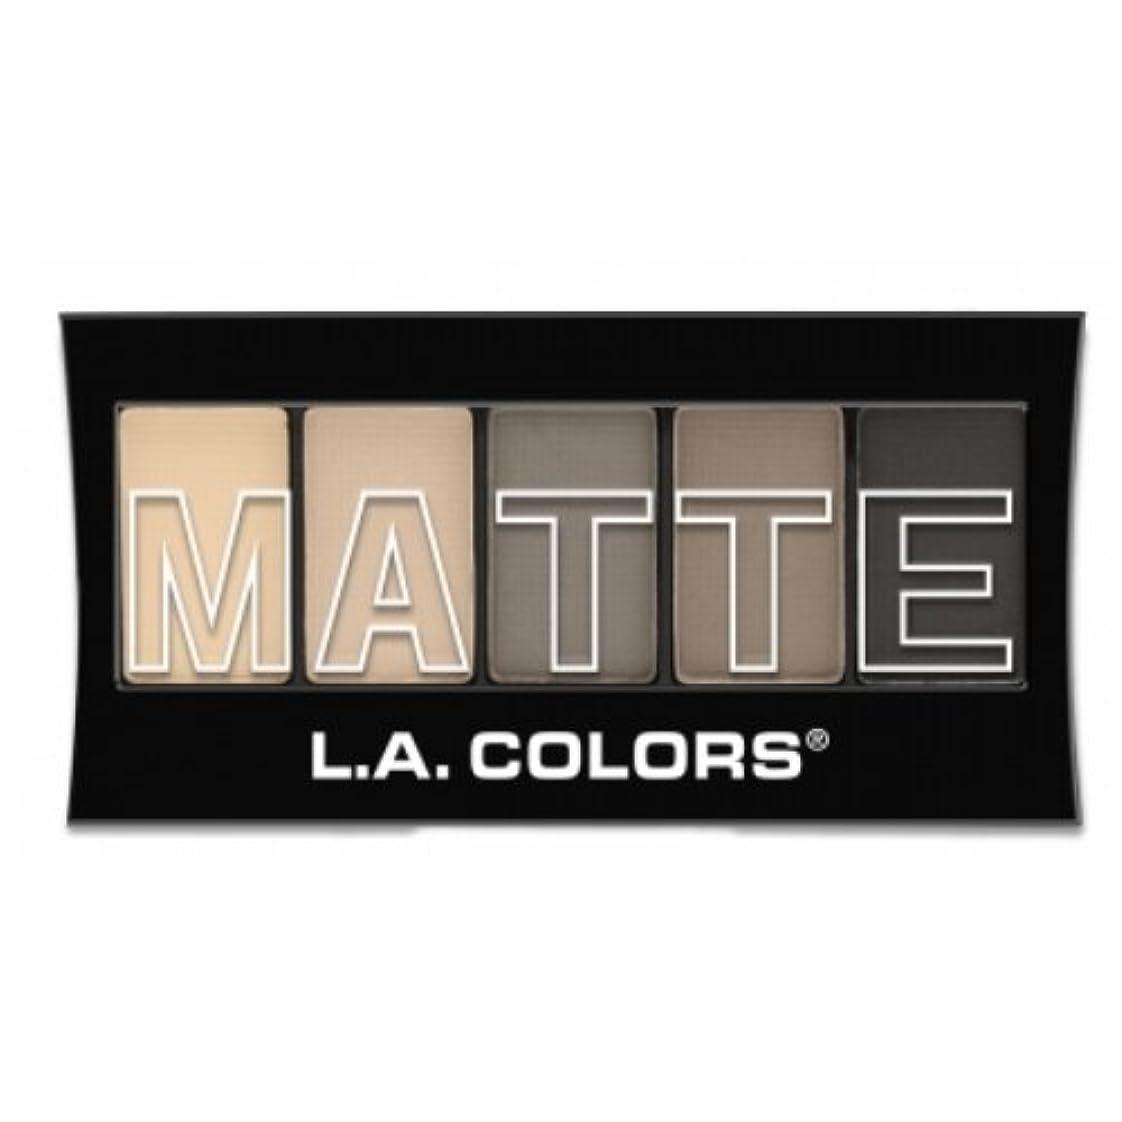 障害ハミングバード栄光(3 Pack) L.A. Colors Matte Eyeshadow - Nude Suede (並行輸入品)